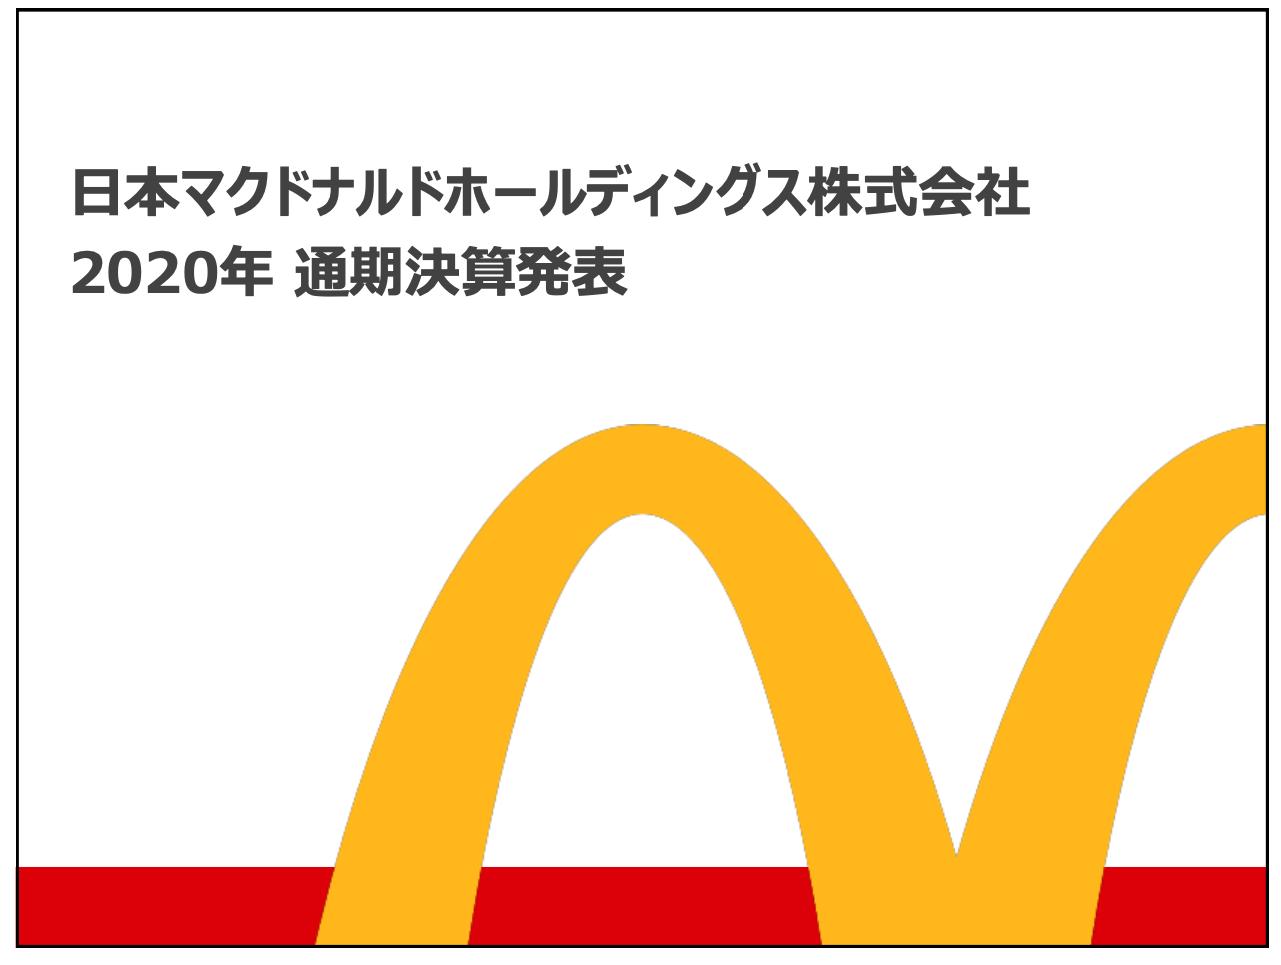 日本マクドナルドHD、既存店売上高は21四半期連続でプラス 2021年も中長期的成長のための投資を積極的に行う